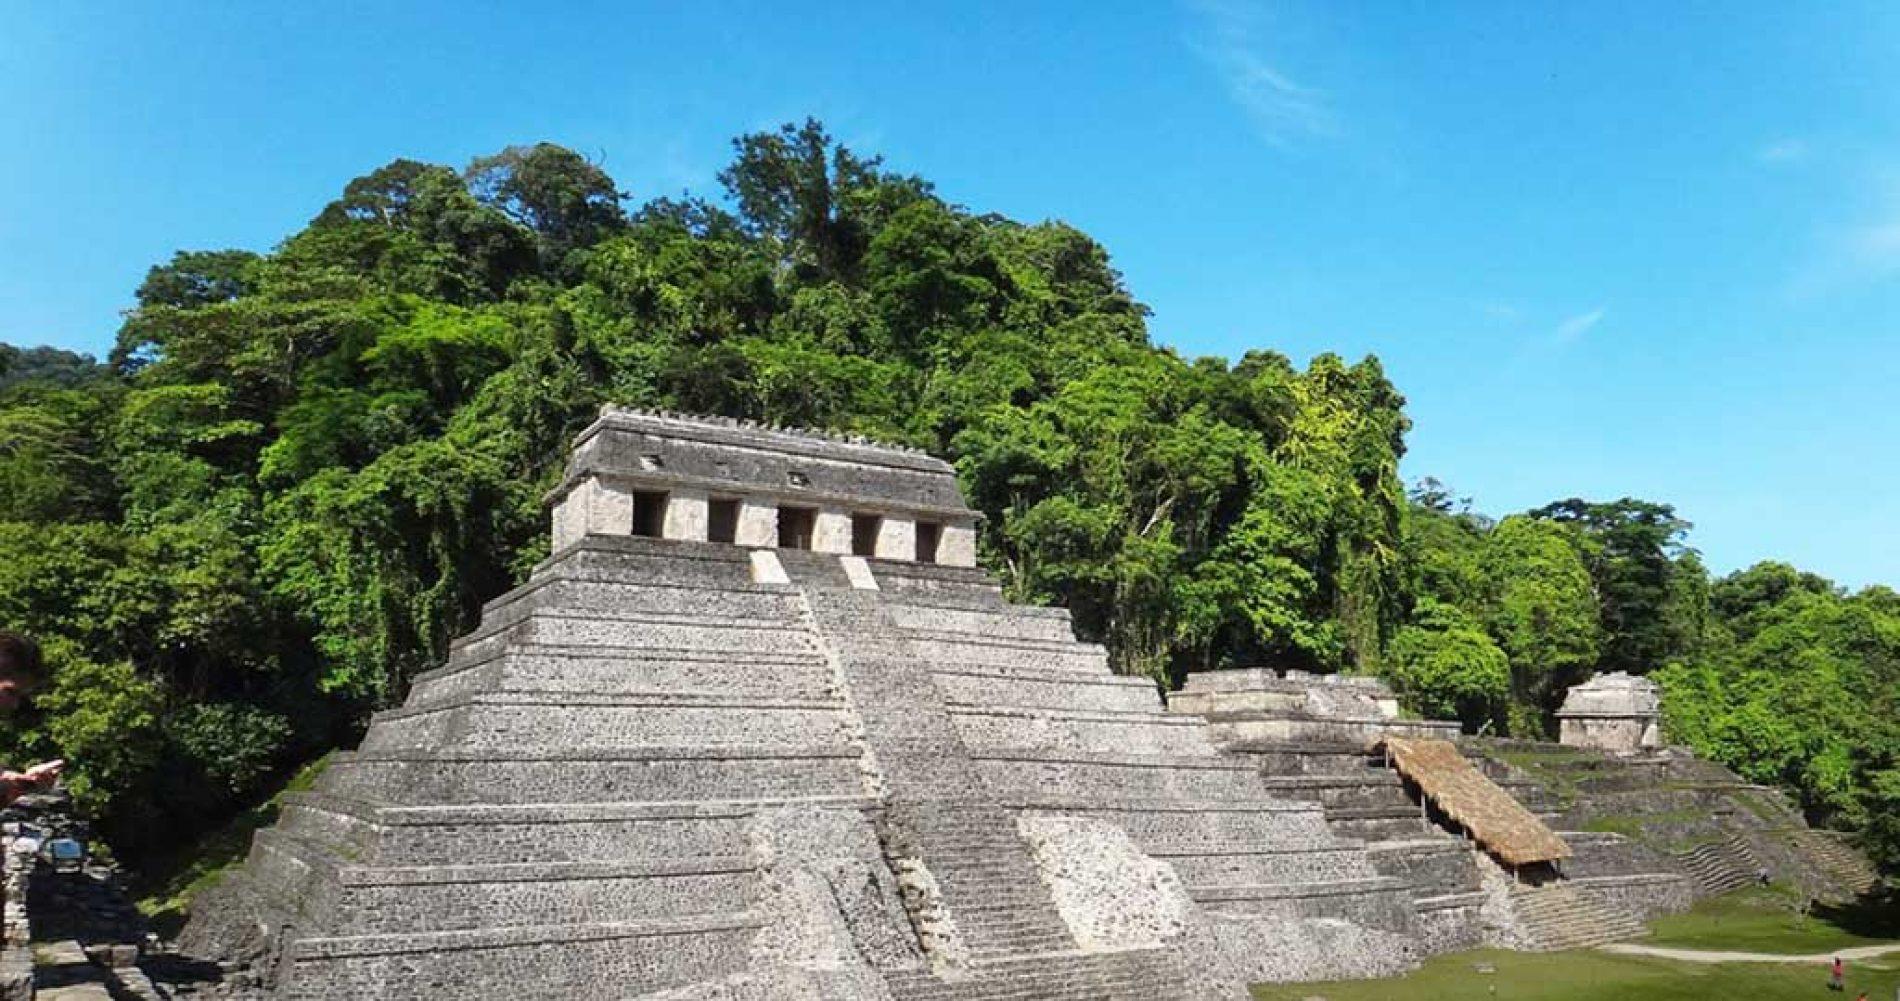 Messico precolombiano